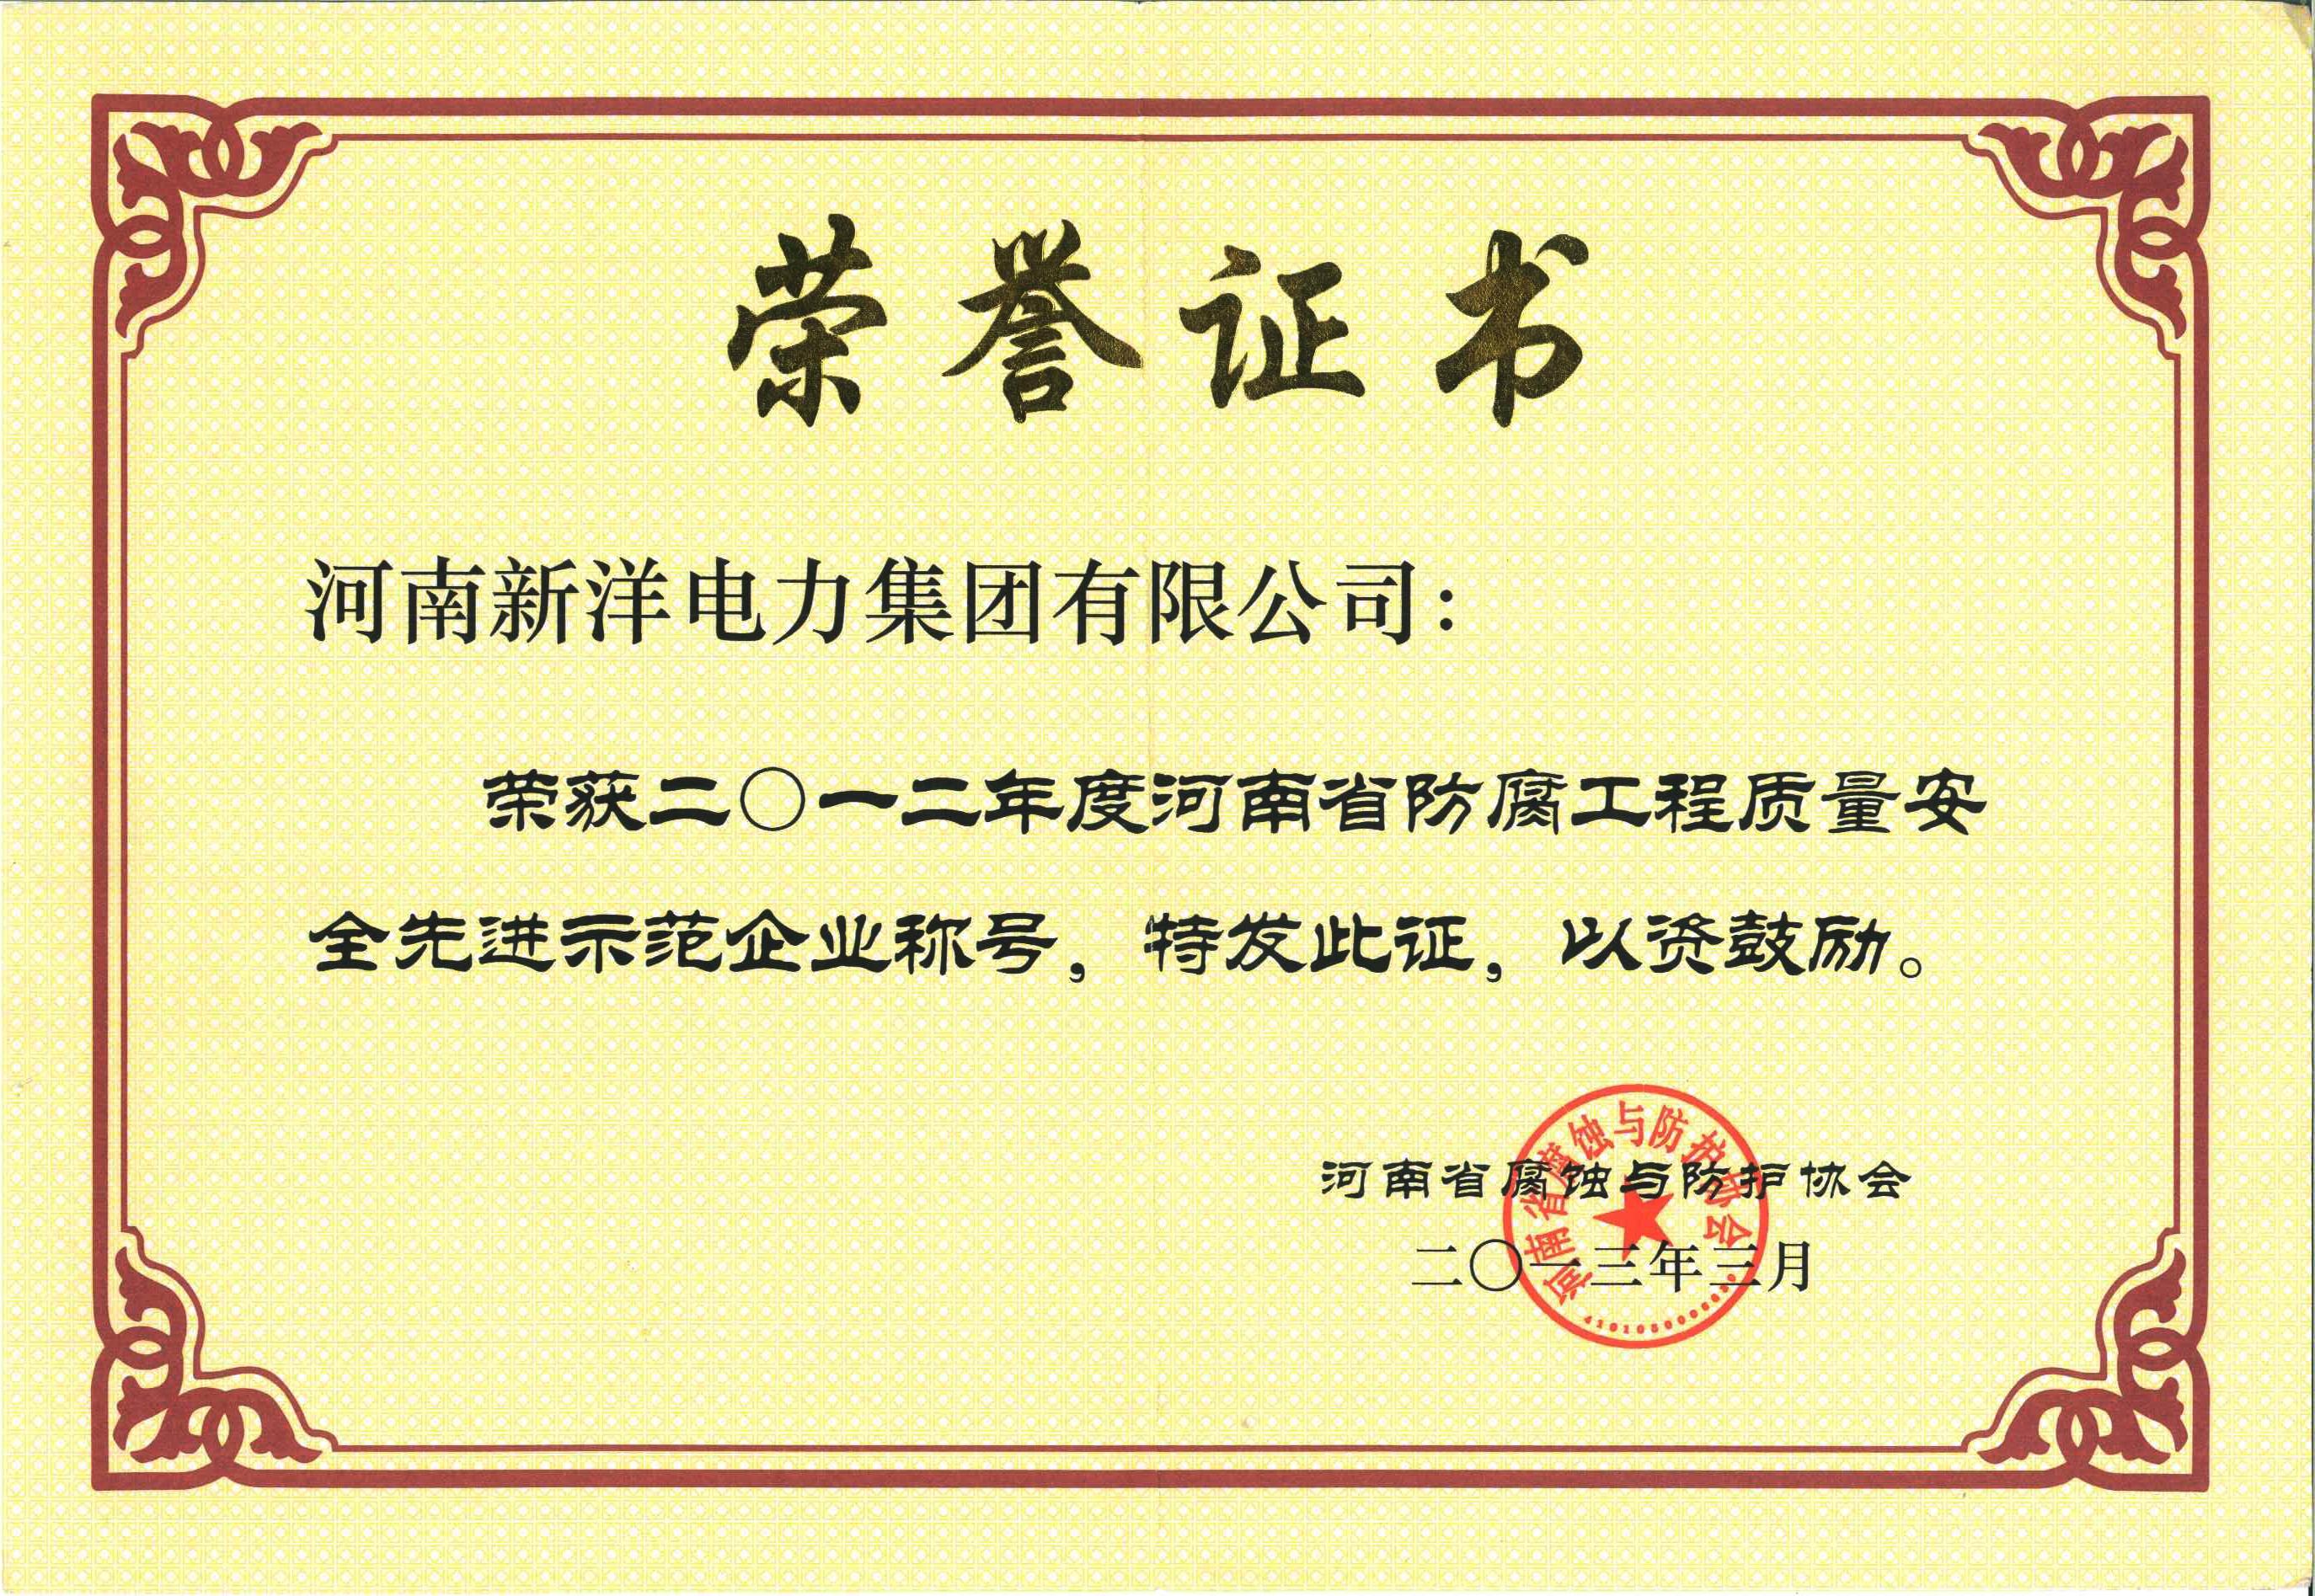 2012年度河南省先進示范企業